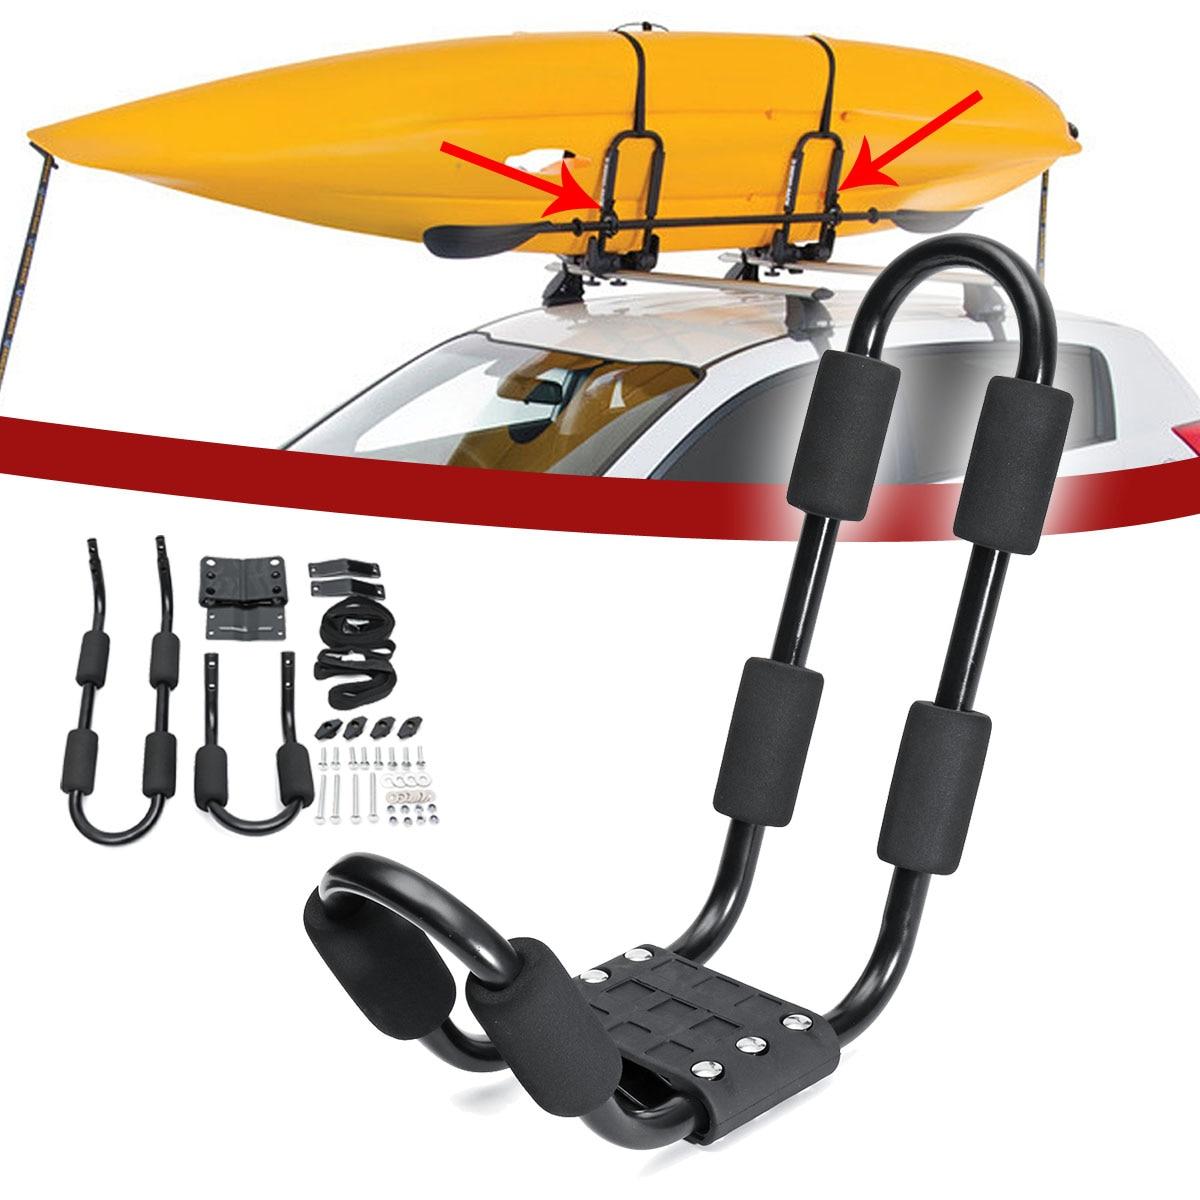 Support de Kayak en aluminium pour toit de voiture pour Kayak planche de surf véhicule de vélo bagages porte-bagages de voiture avec accessoires de sangles